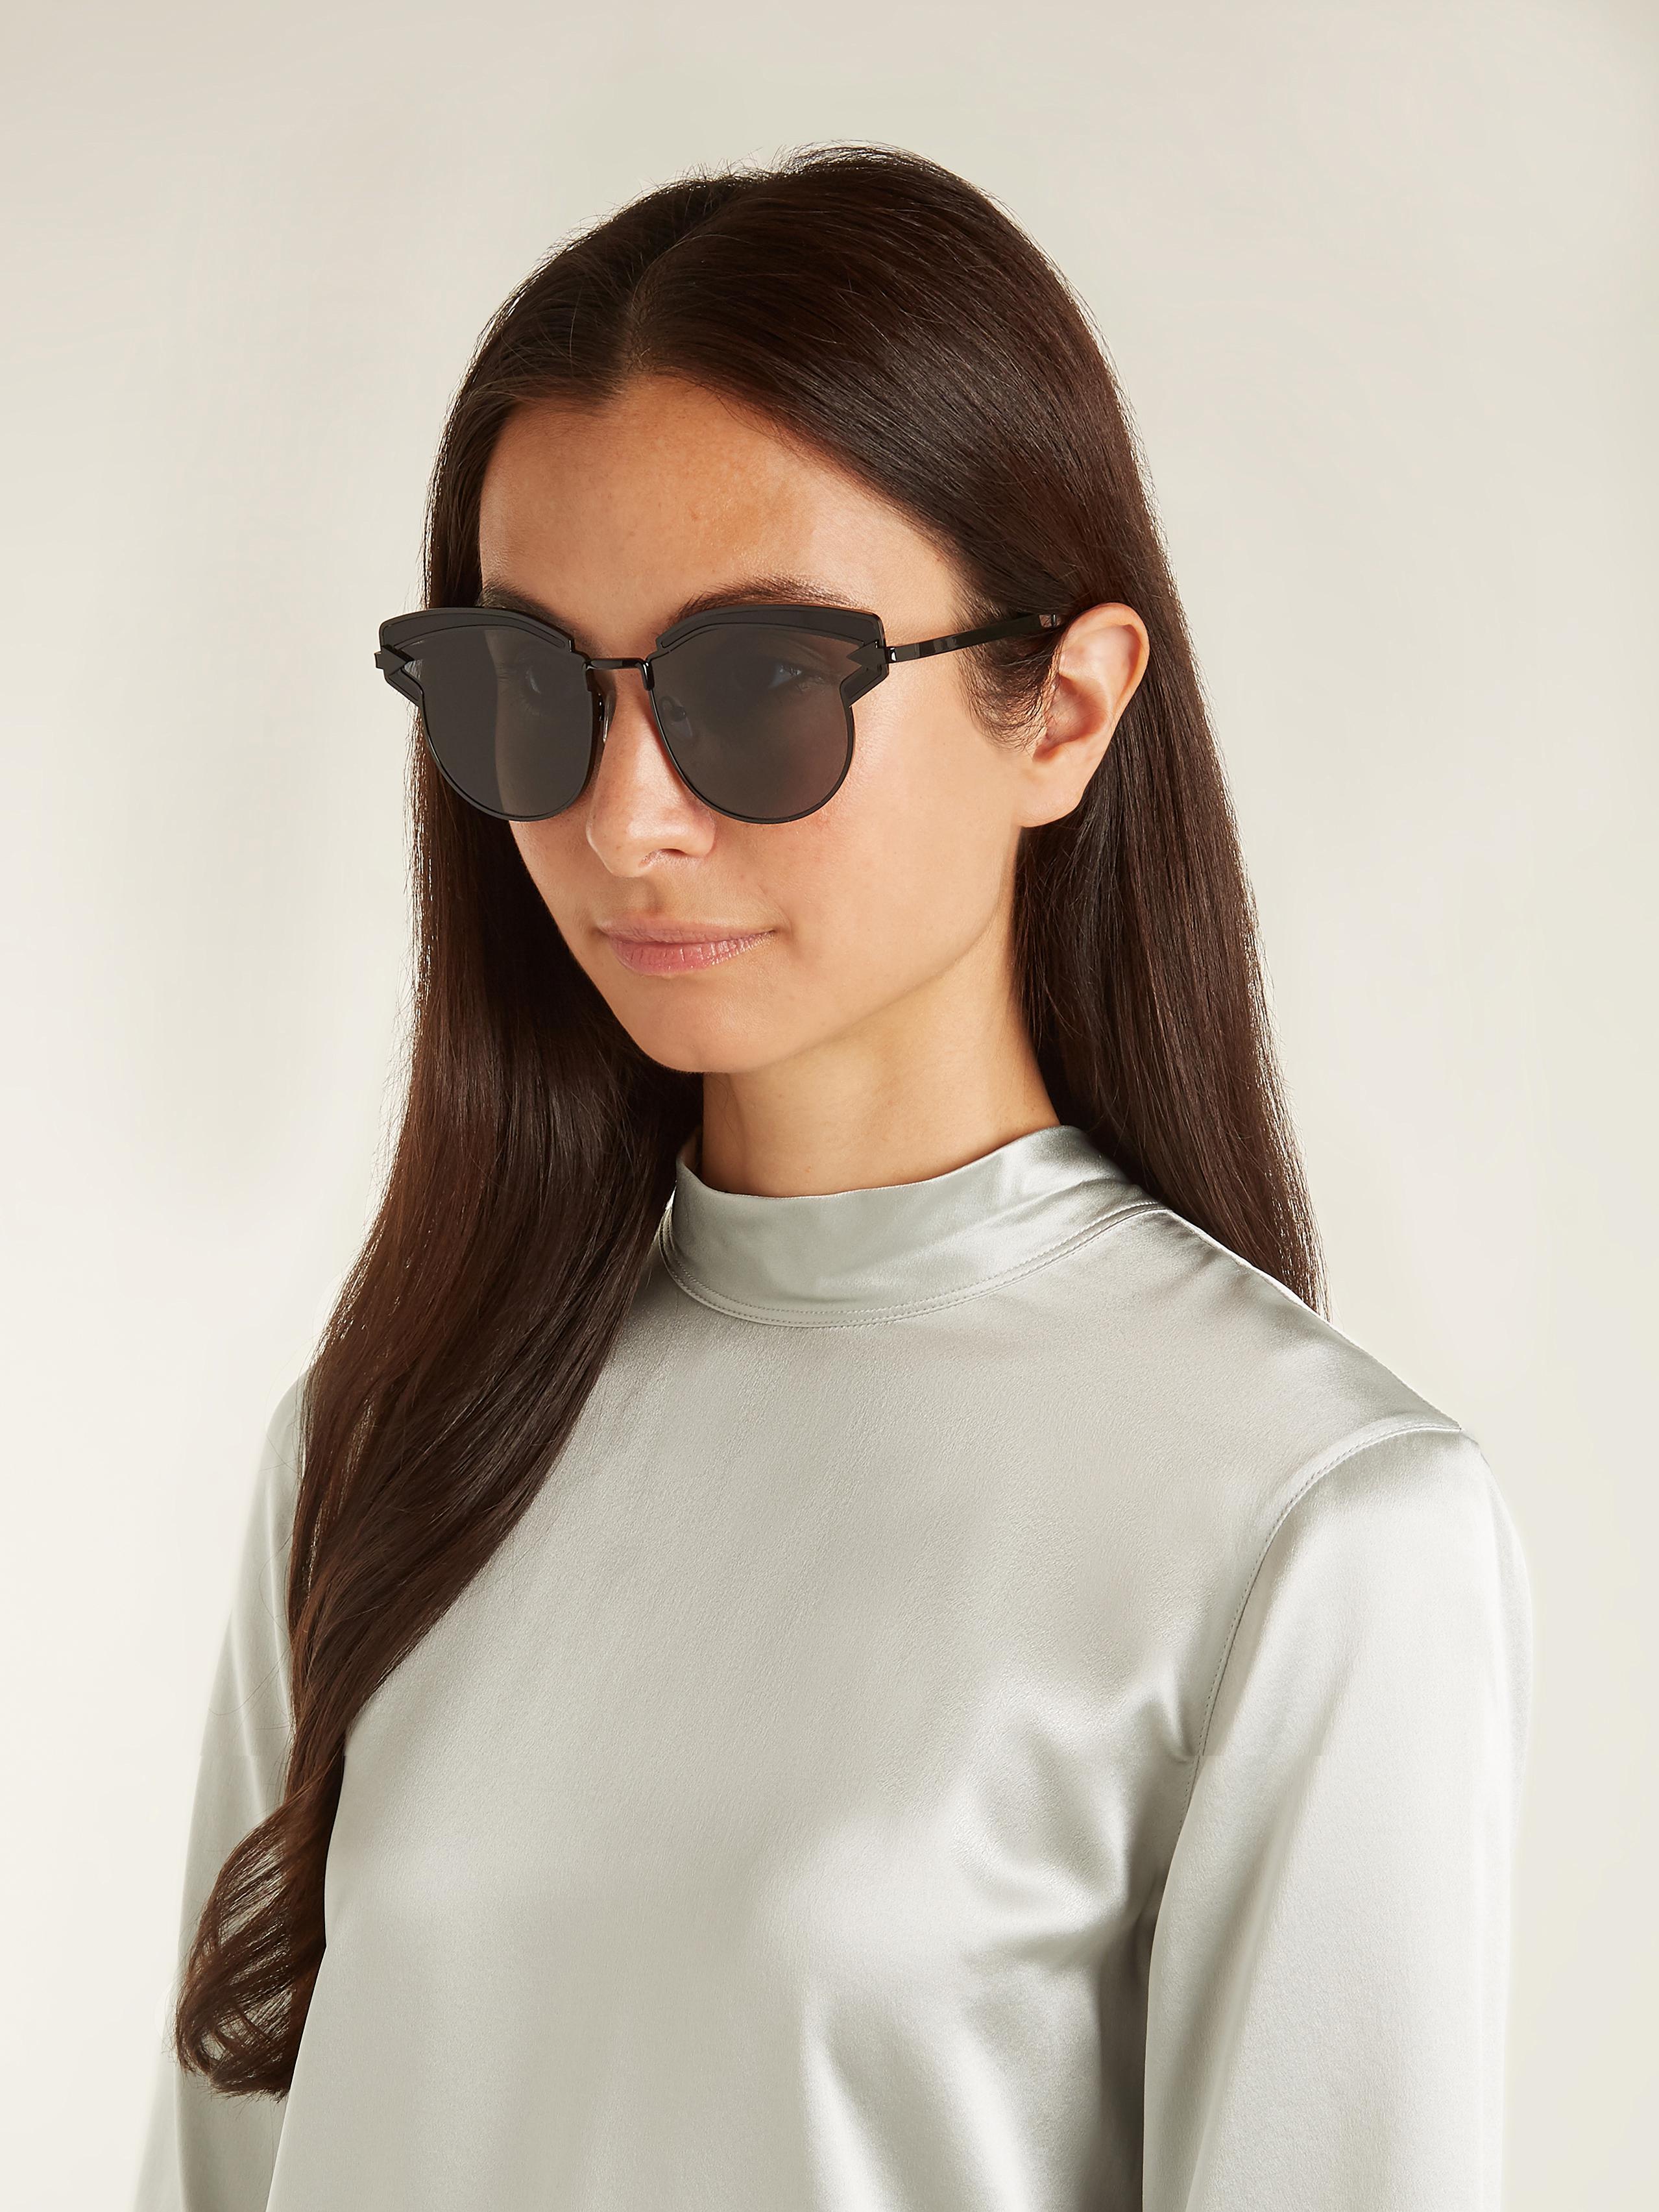 e314a3a8383 Lyst - Karen Walker Felipe Cat-eye Sunglasses in Black